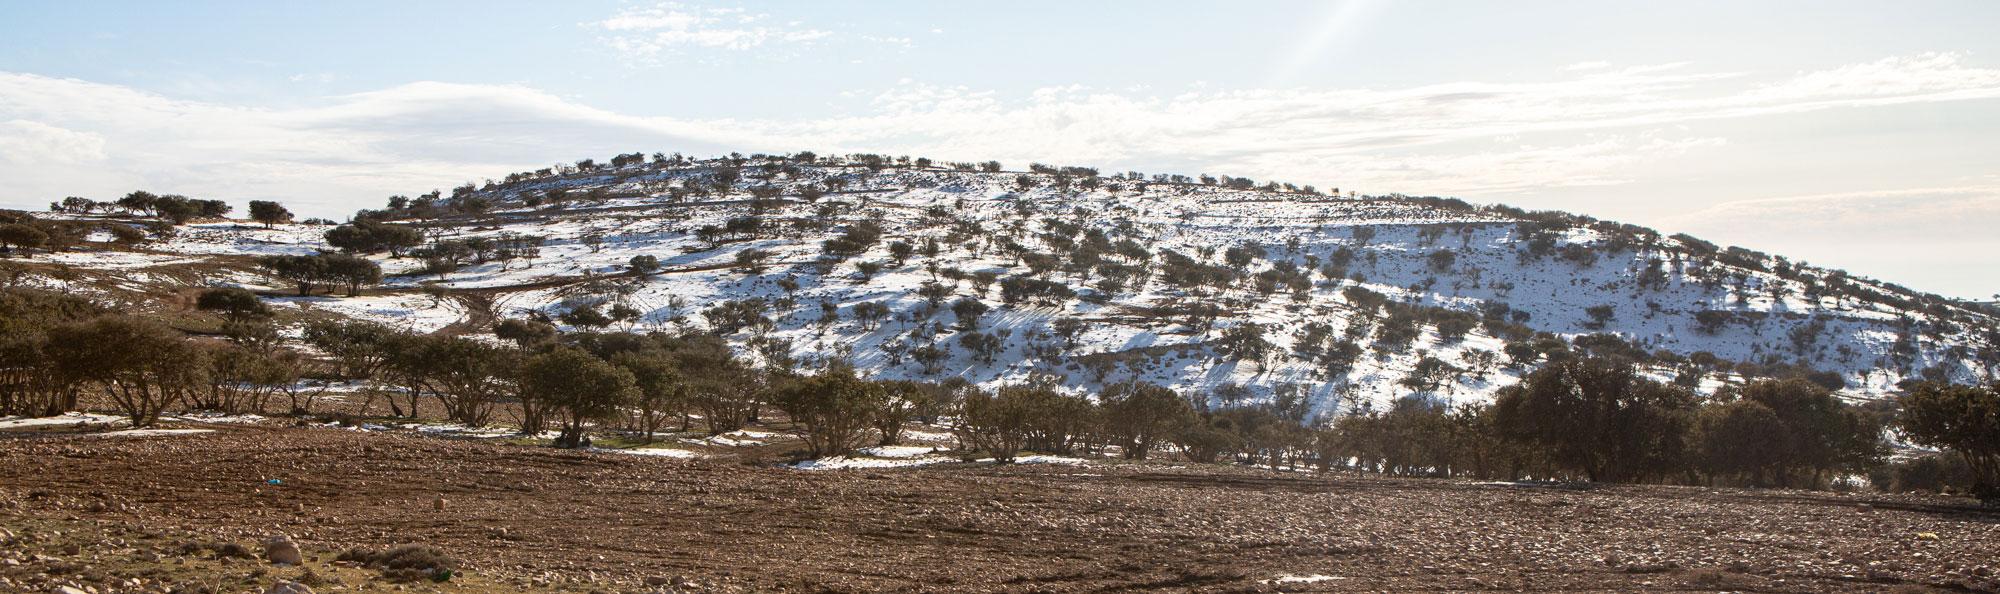 voyage en Jordanie neige